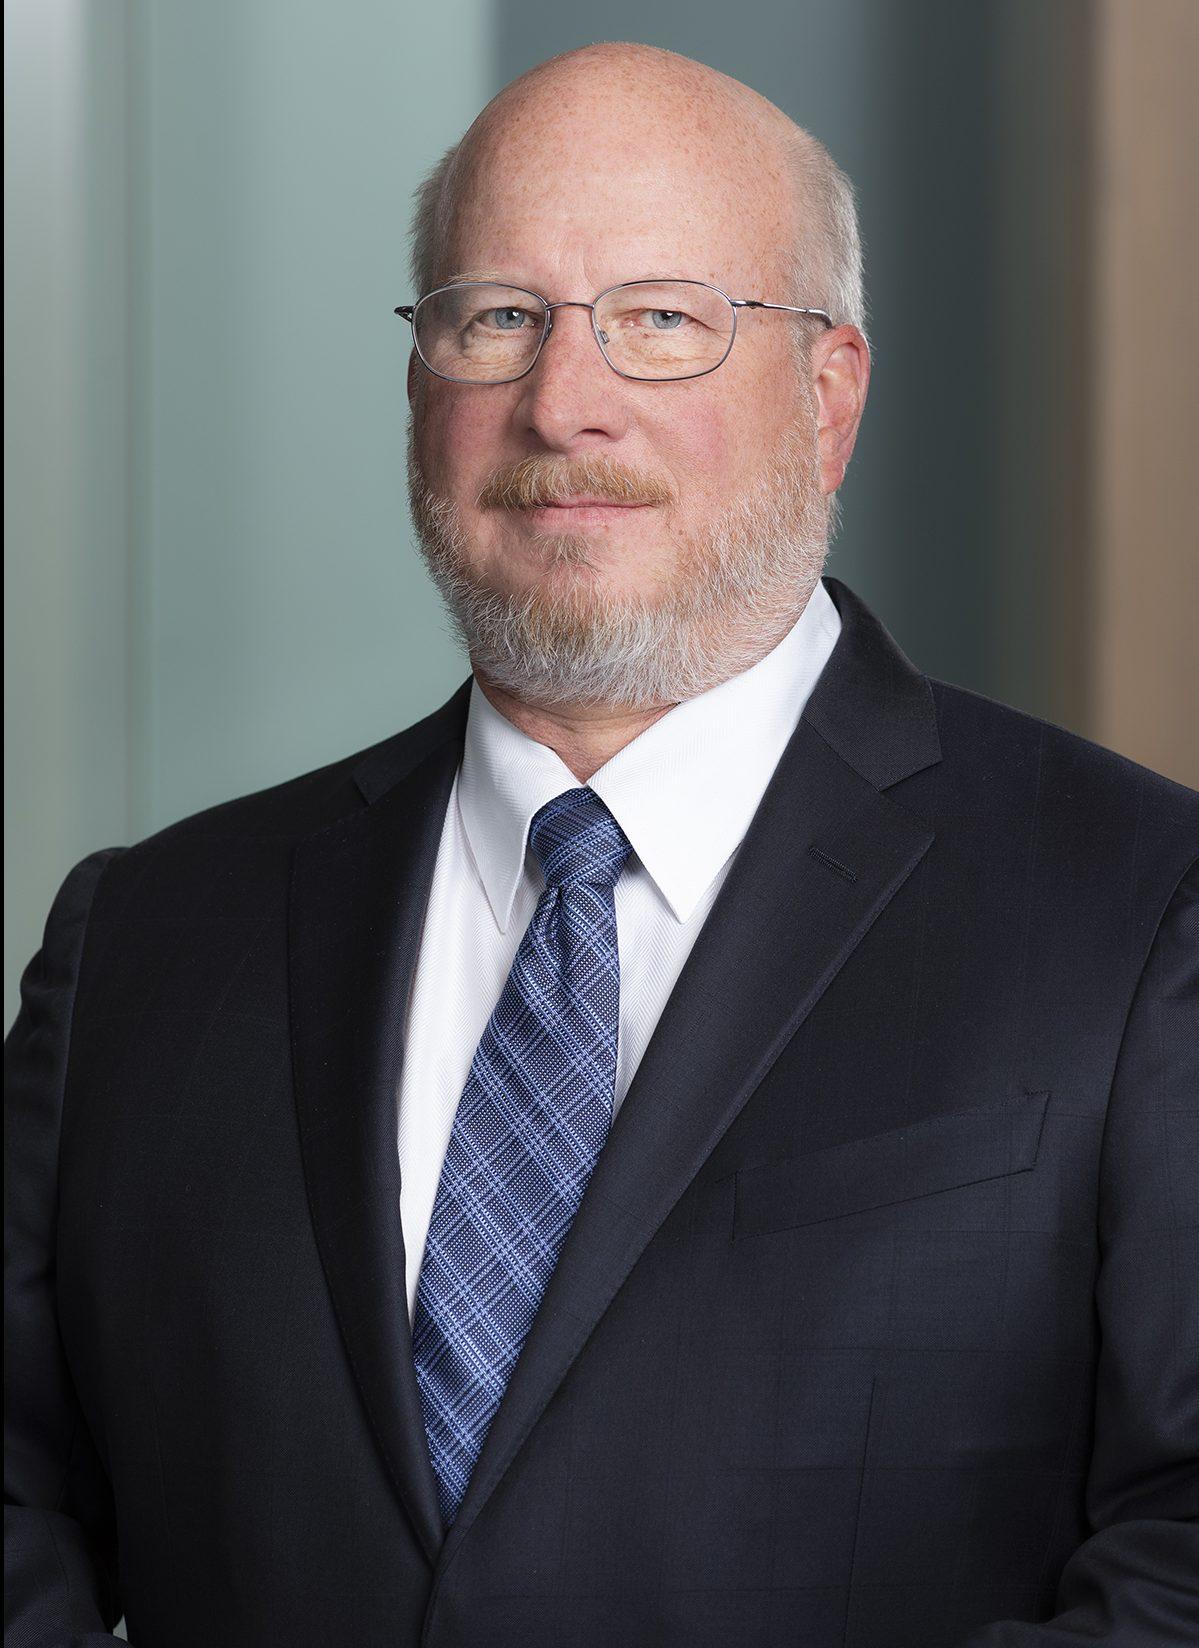 Lewis D. Hansen